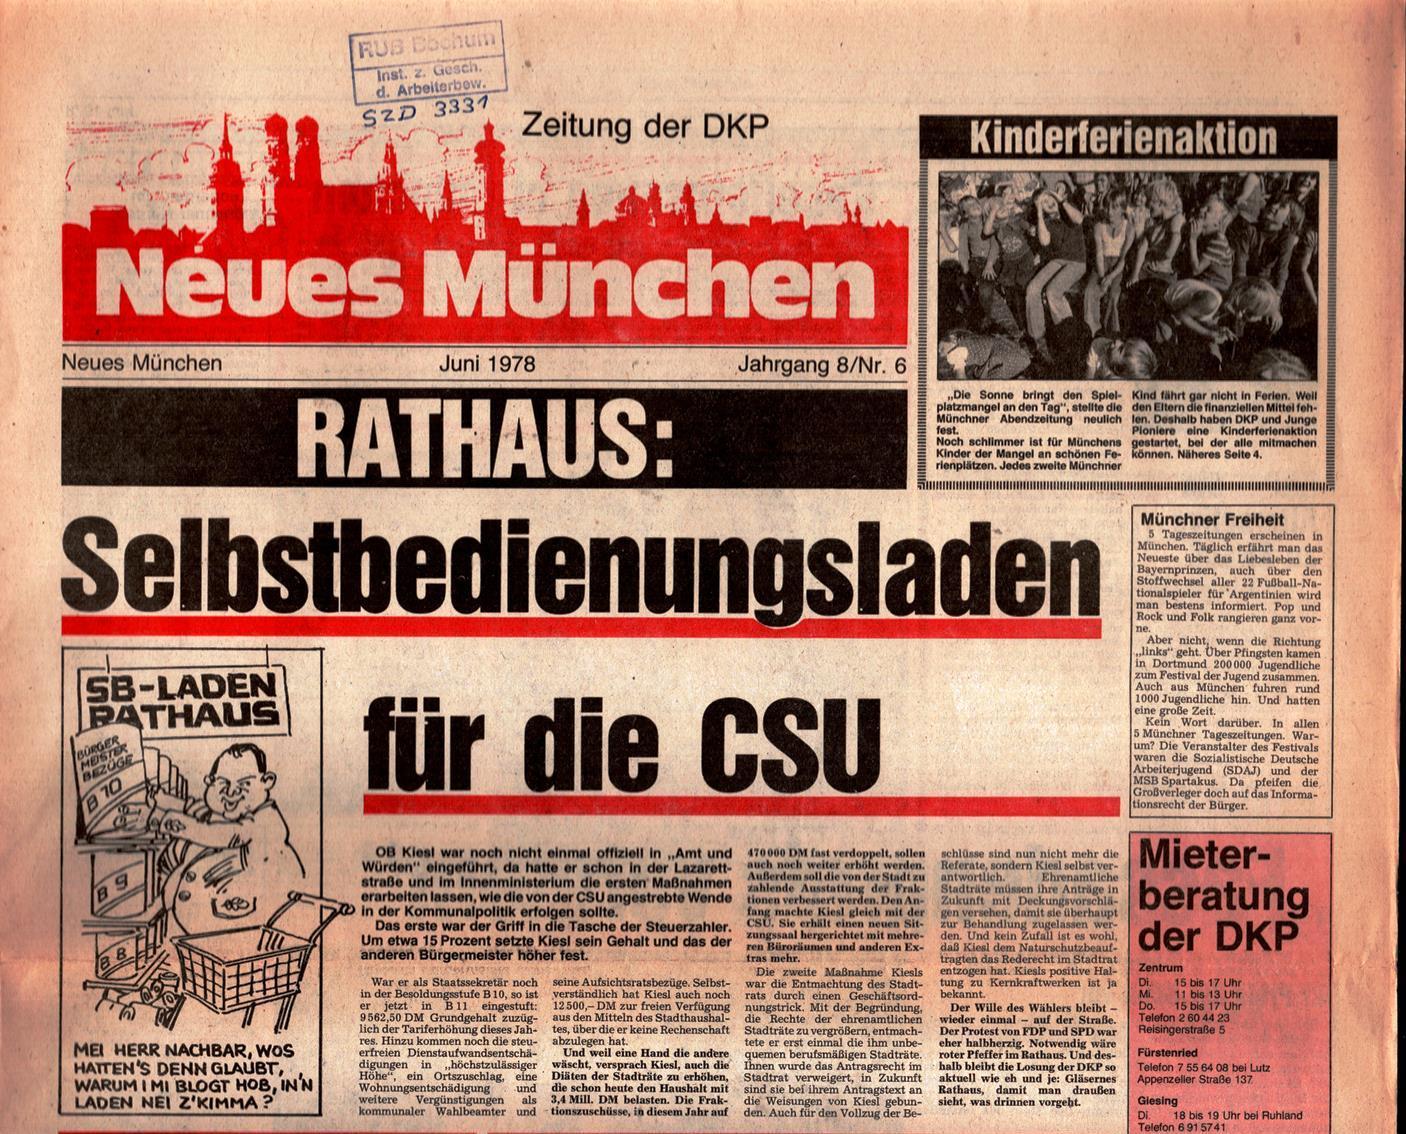 Muenchen_DKP_Neues_Muenchen_19780600_006_001